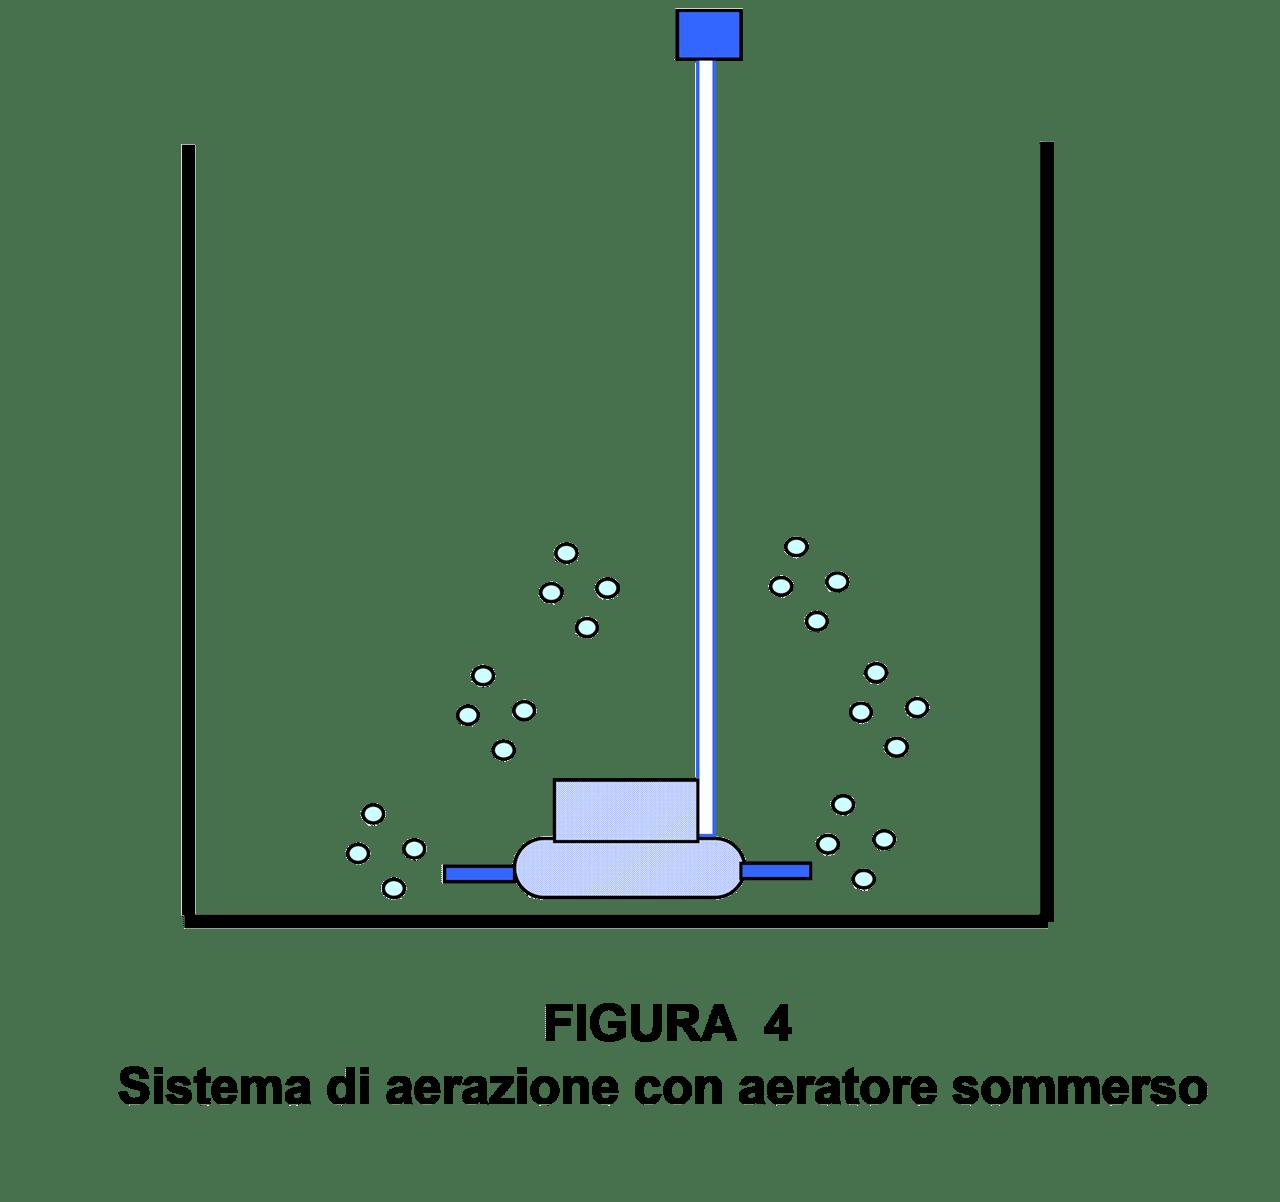 Sistema di agitazione con aeratore sommerso